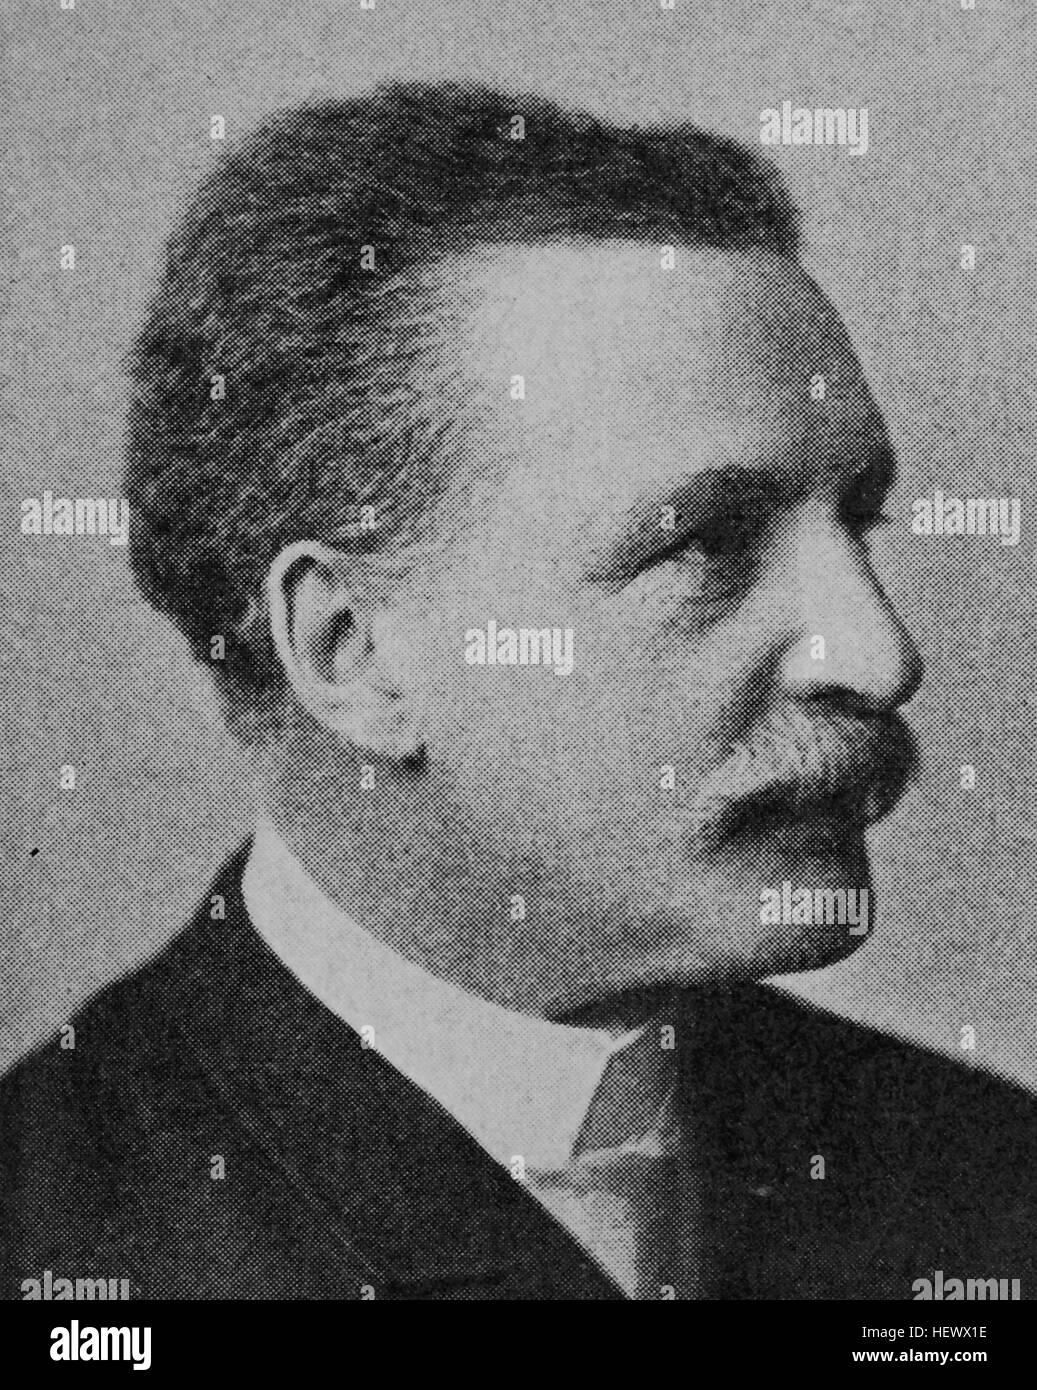 Georg von Metzsch, Metzsch-Reichenbach, Graf von Metzsch-Reichenbach, 1836 - 1927, Karl Georg Levin von Metzsch - Stock Image